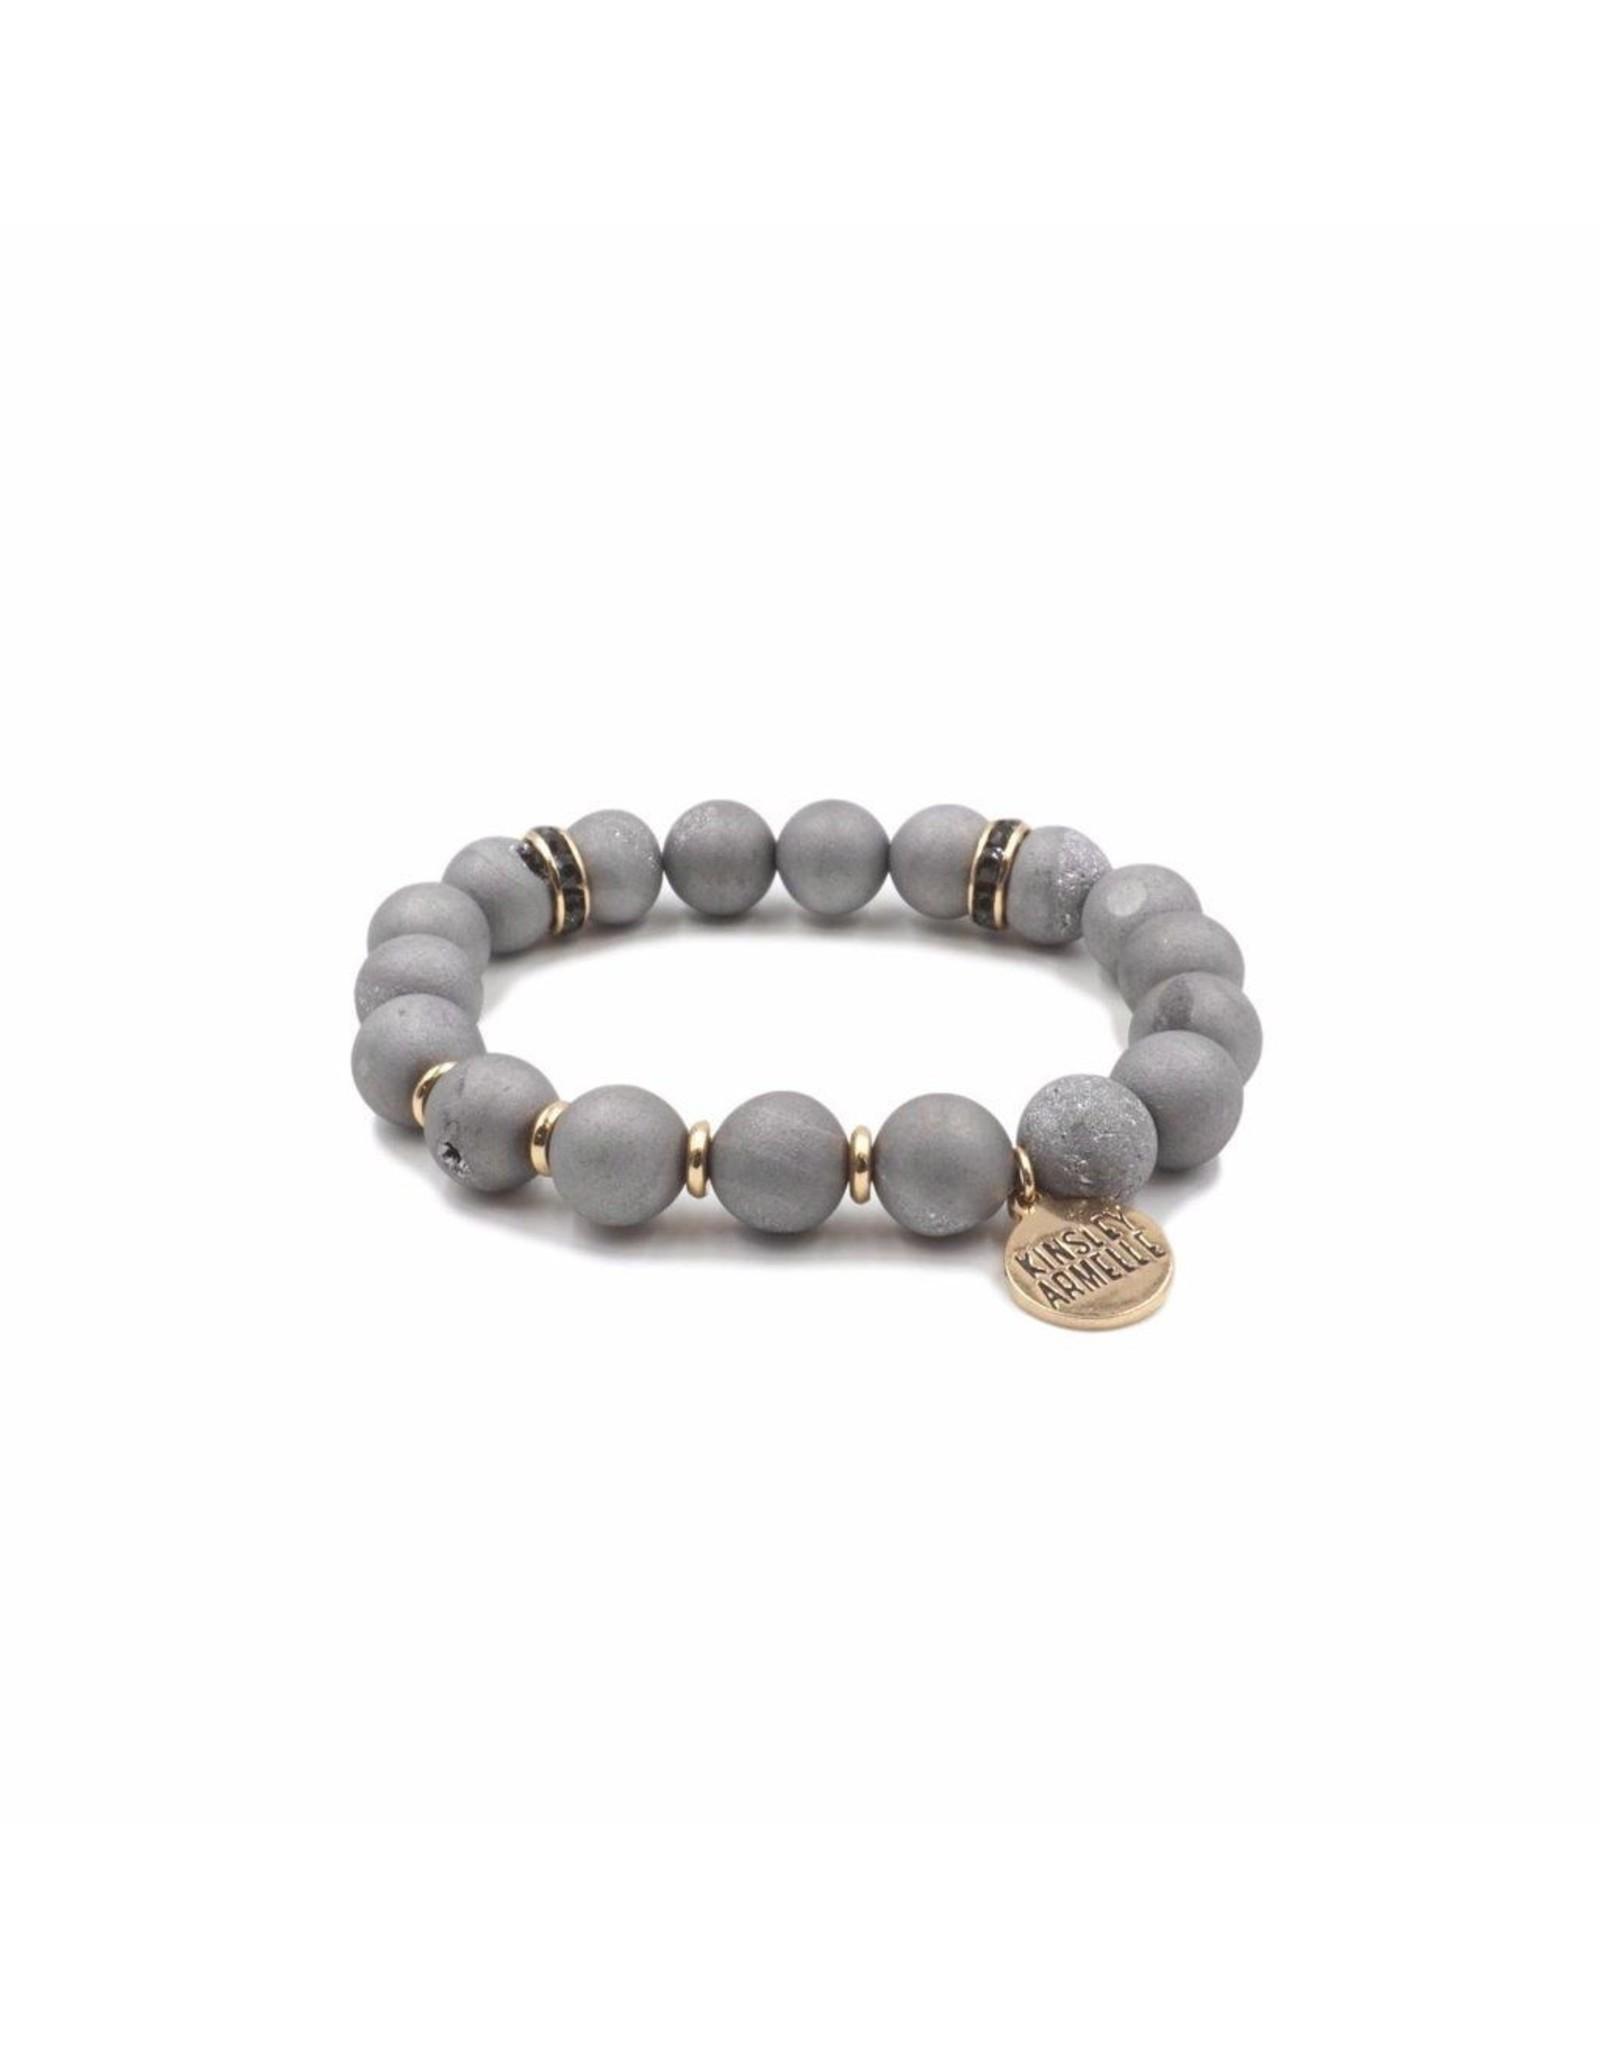 Kinsley Armelle Slate Bracelet-Geode Collection